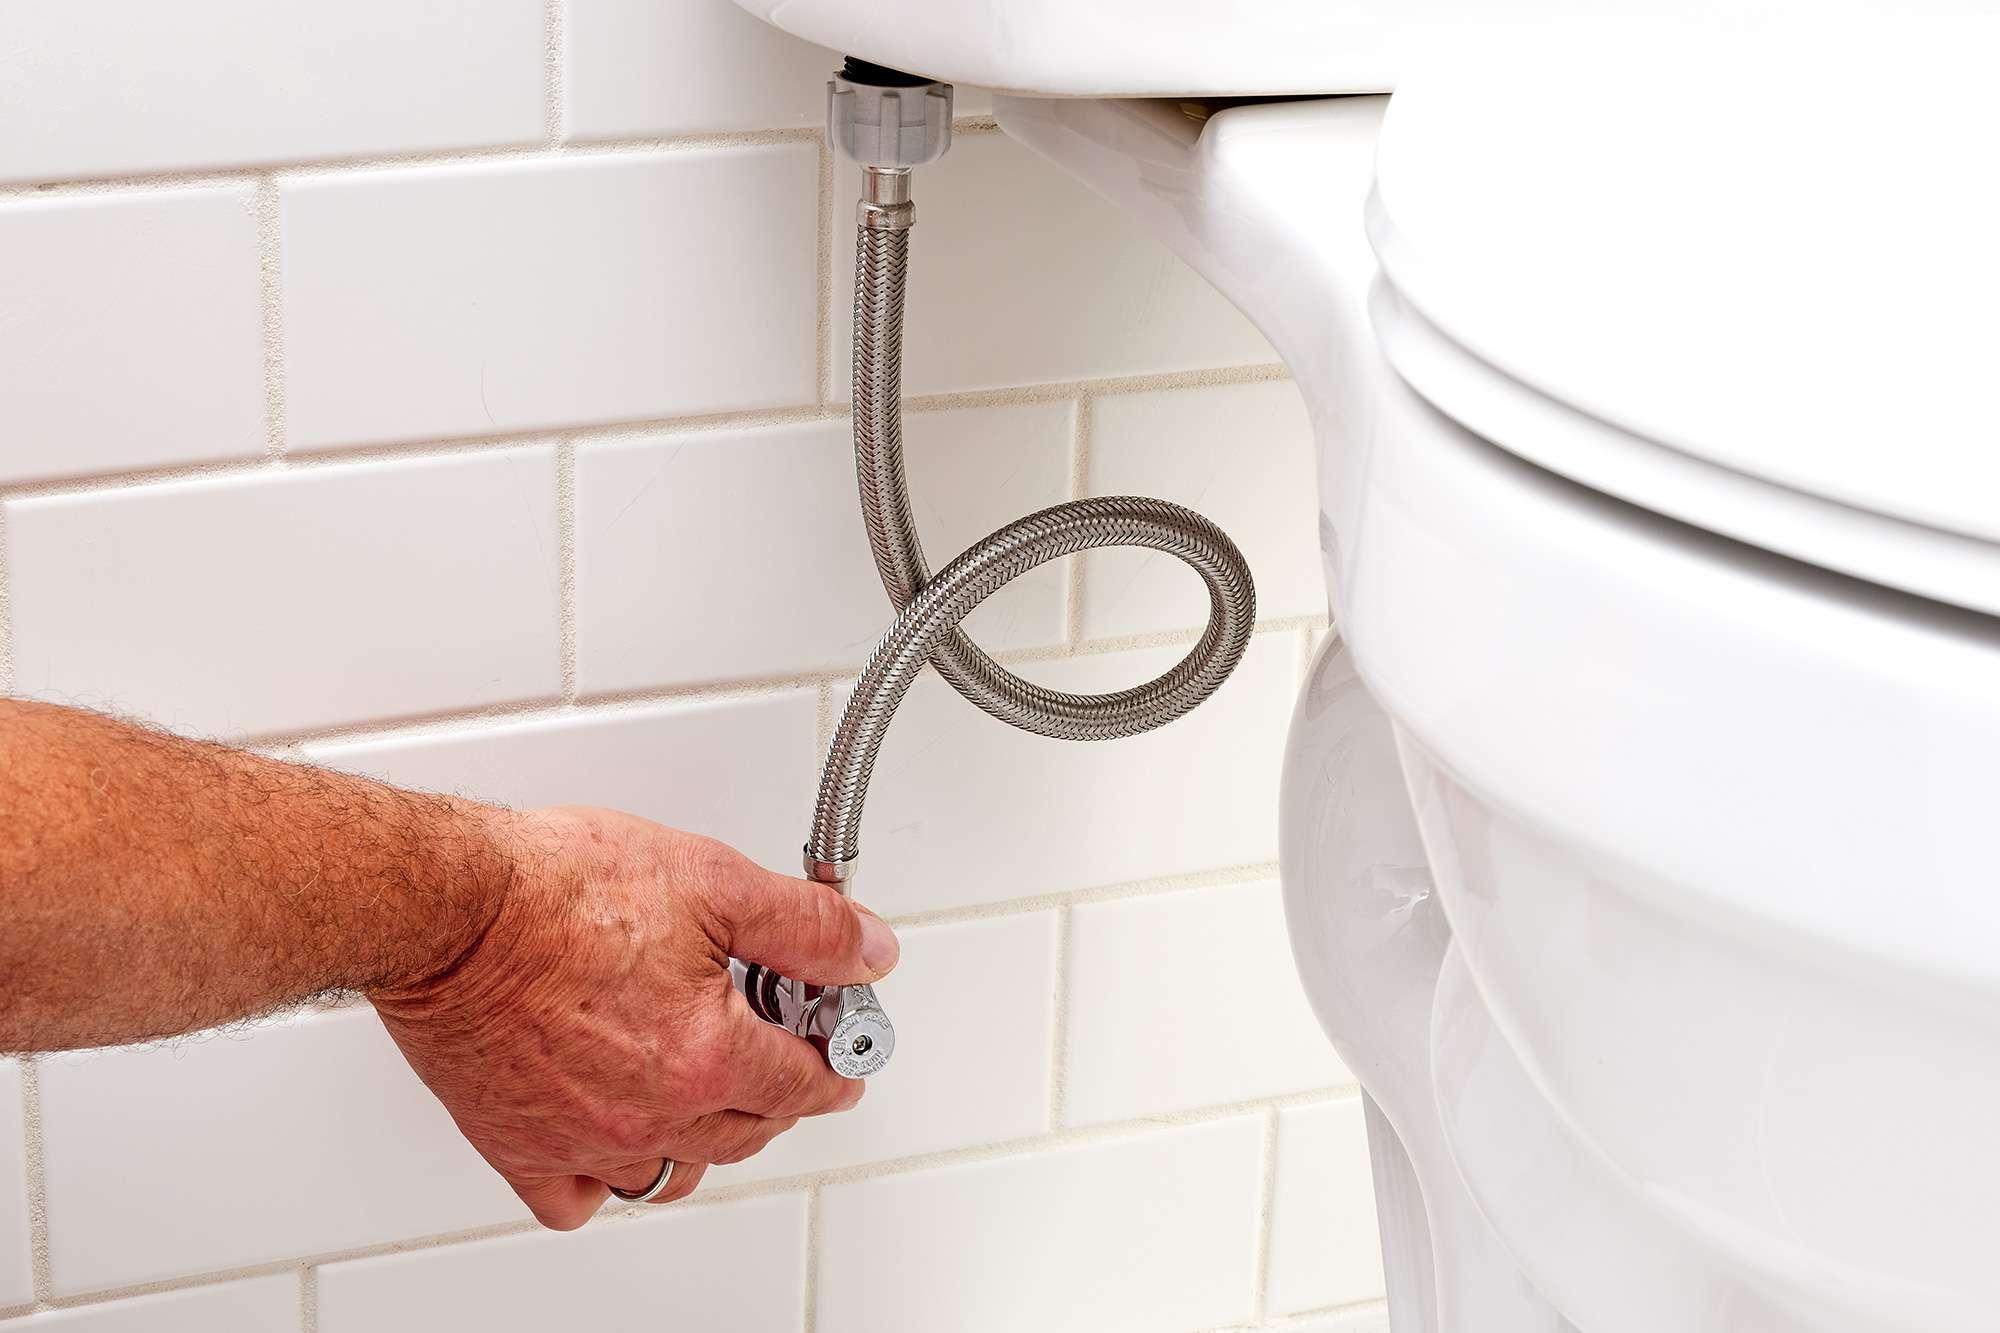 Shutoff valve handle turned clockwise